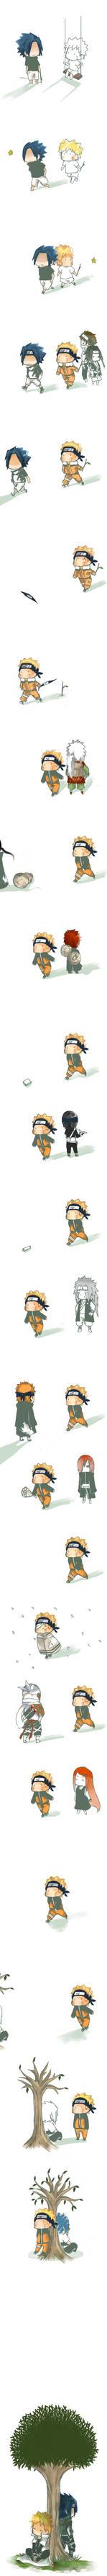 Naruto History's by SorayaAnimeFan4Ever